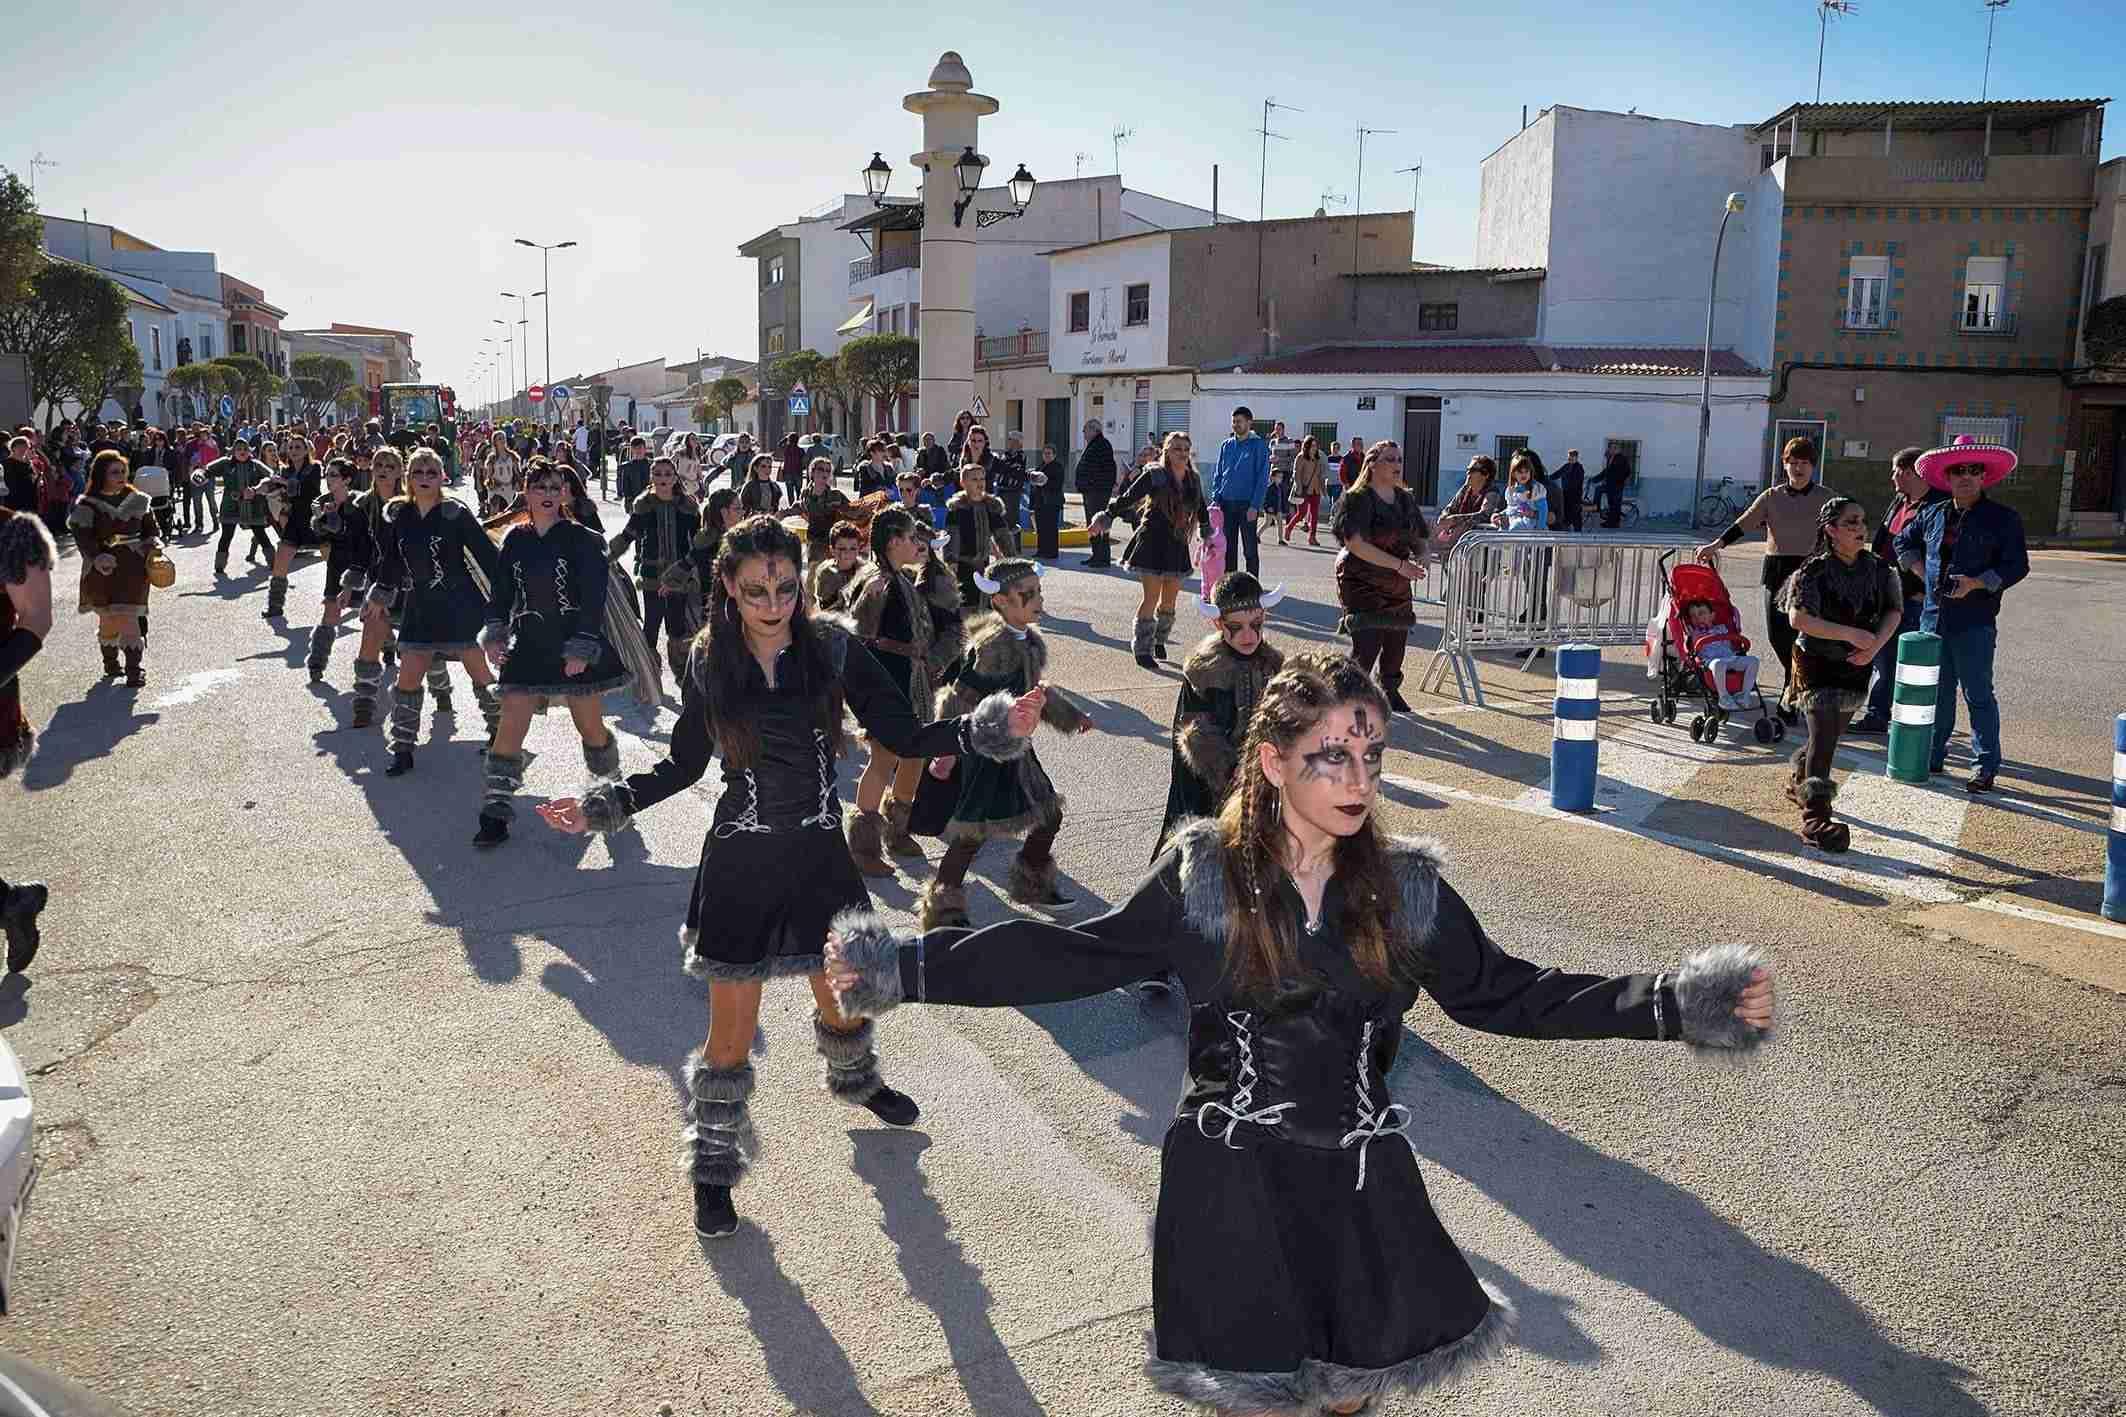 El Desfile de Comparsas Infantiles abre la actividad en la calle del Carnaval de Argamasilla de Alba 5